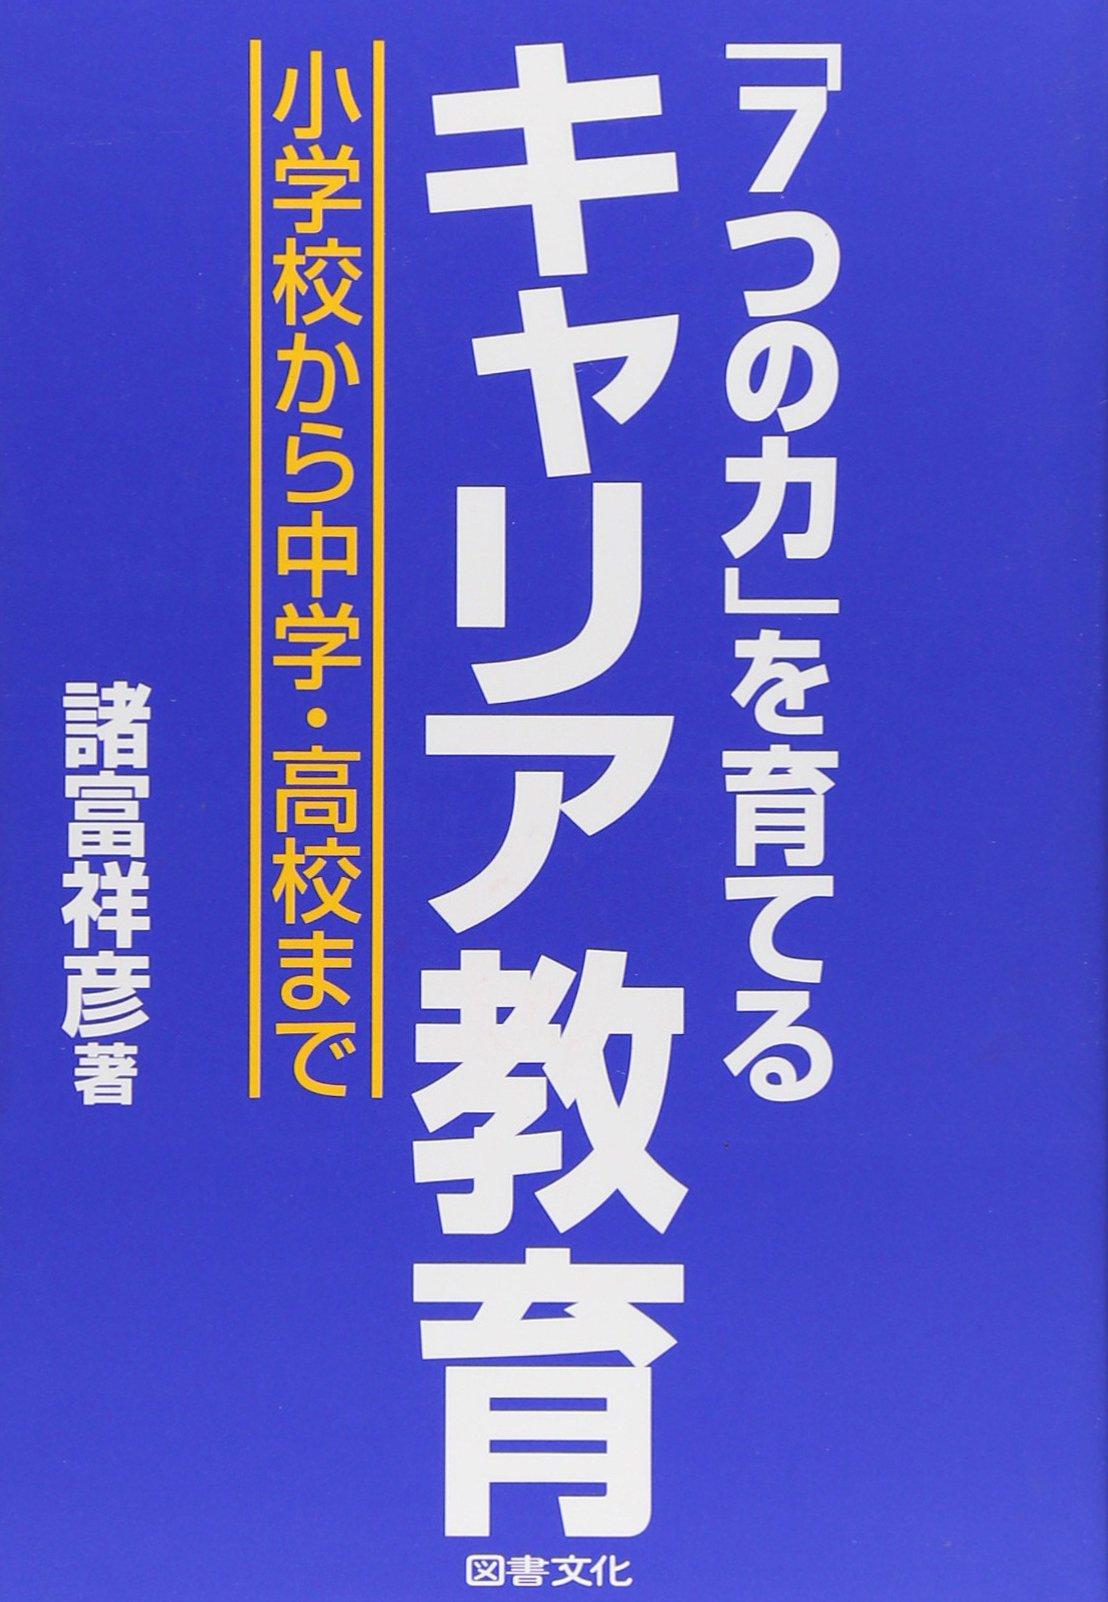 7tsu no chikara o sodateru kyaria kyōiku : Shōgakkō kara chūgaku kōkō made PDF